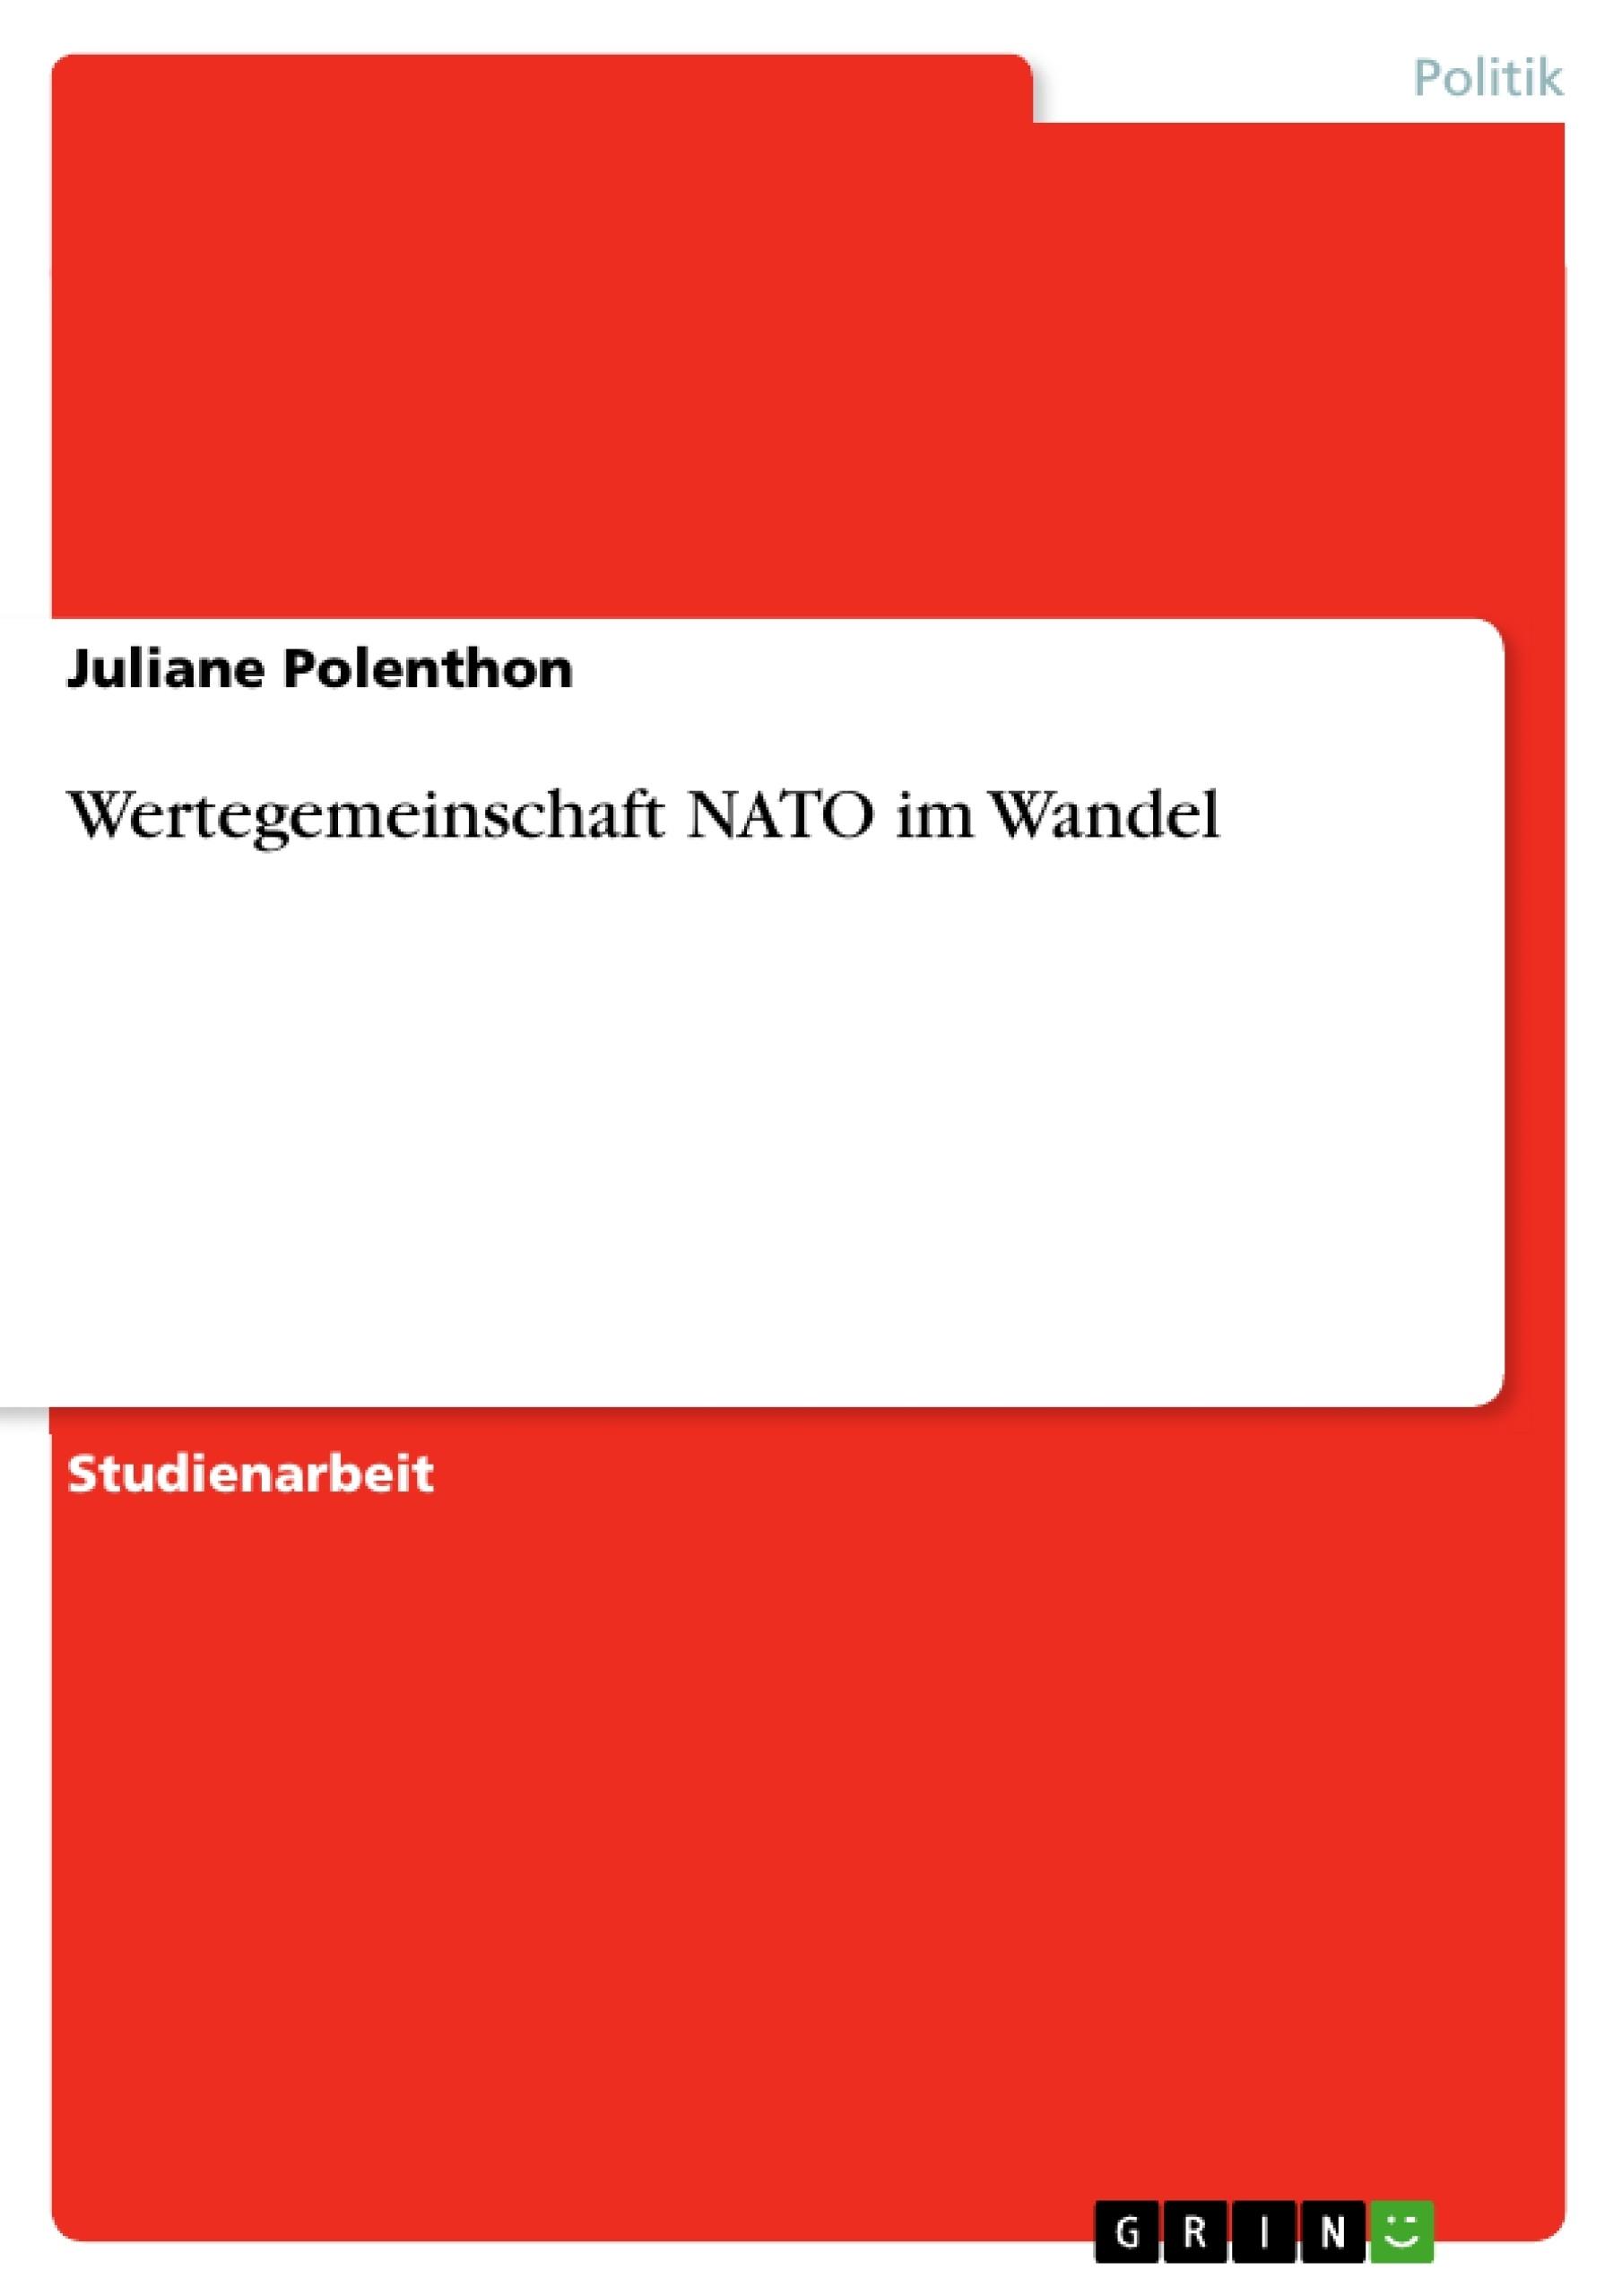 Titel: Wertegemeinschaft NATO im Wandel